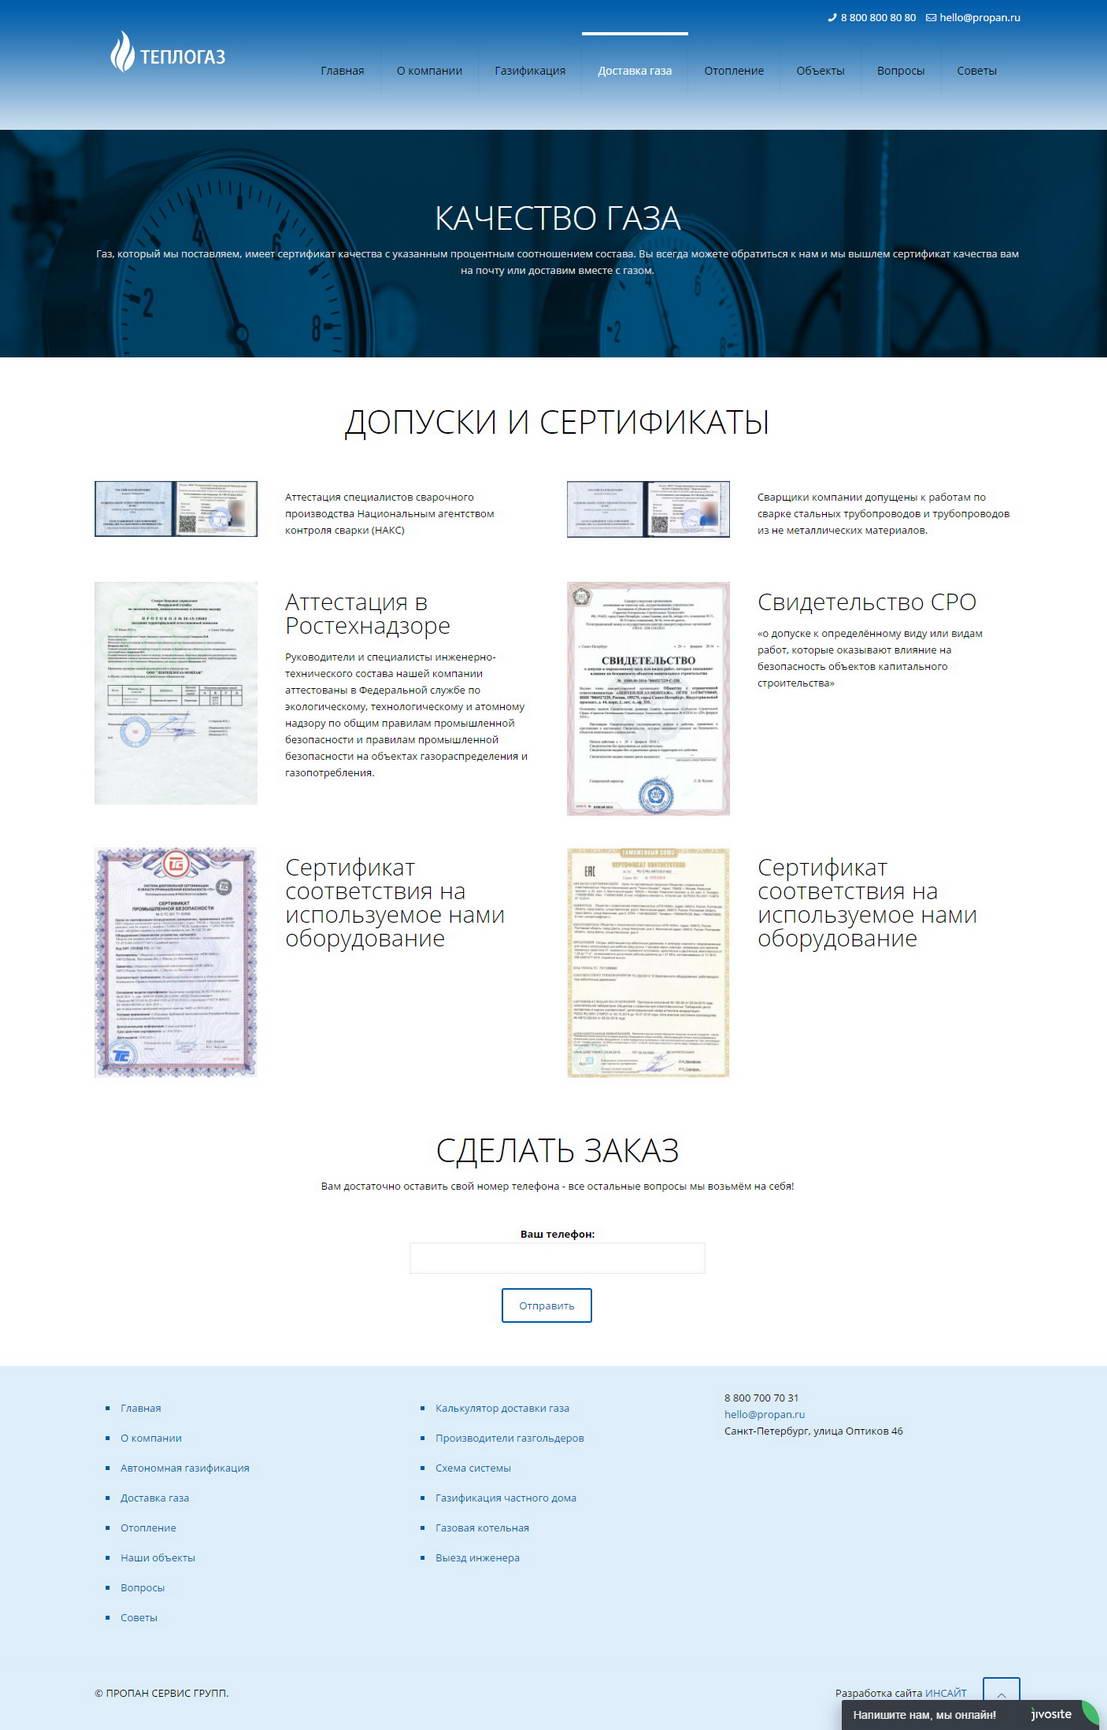 تصميم, تخطيط والغاز برمجة شركة Teplogaz